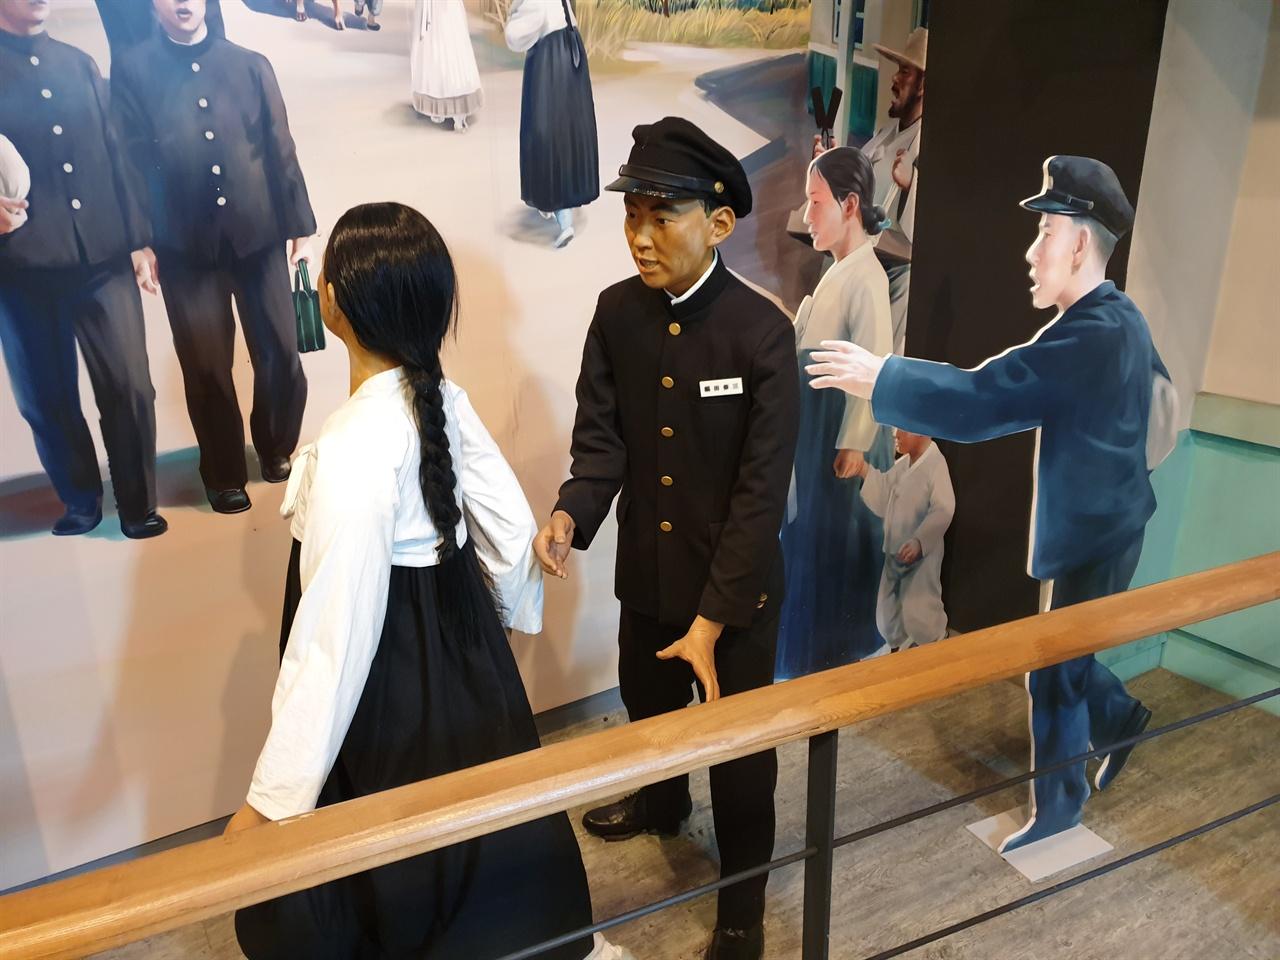 일본의 수탈과 식민교육으로 인해 끓어올랐던 한국 학생들의 분노가 '나주역 댕기머리 사건'으로 인해 폭발했고, 이는 광주학생독립운동으로 이어졌다.